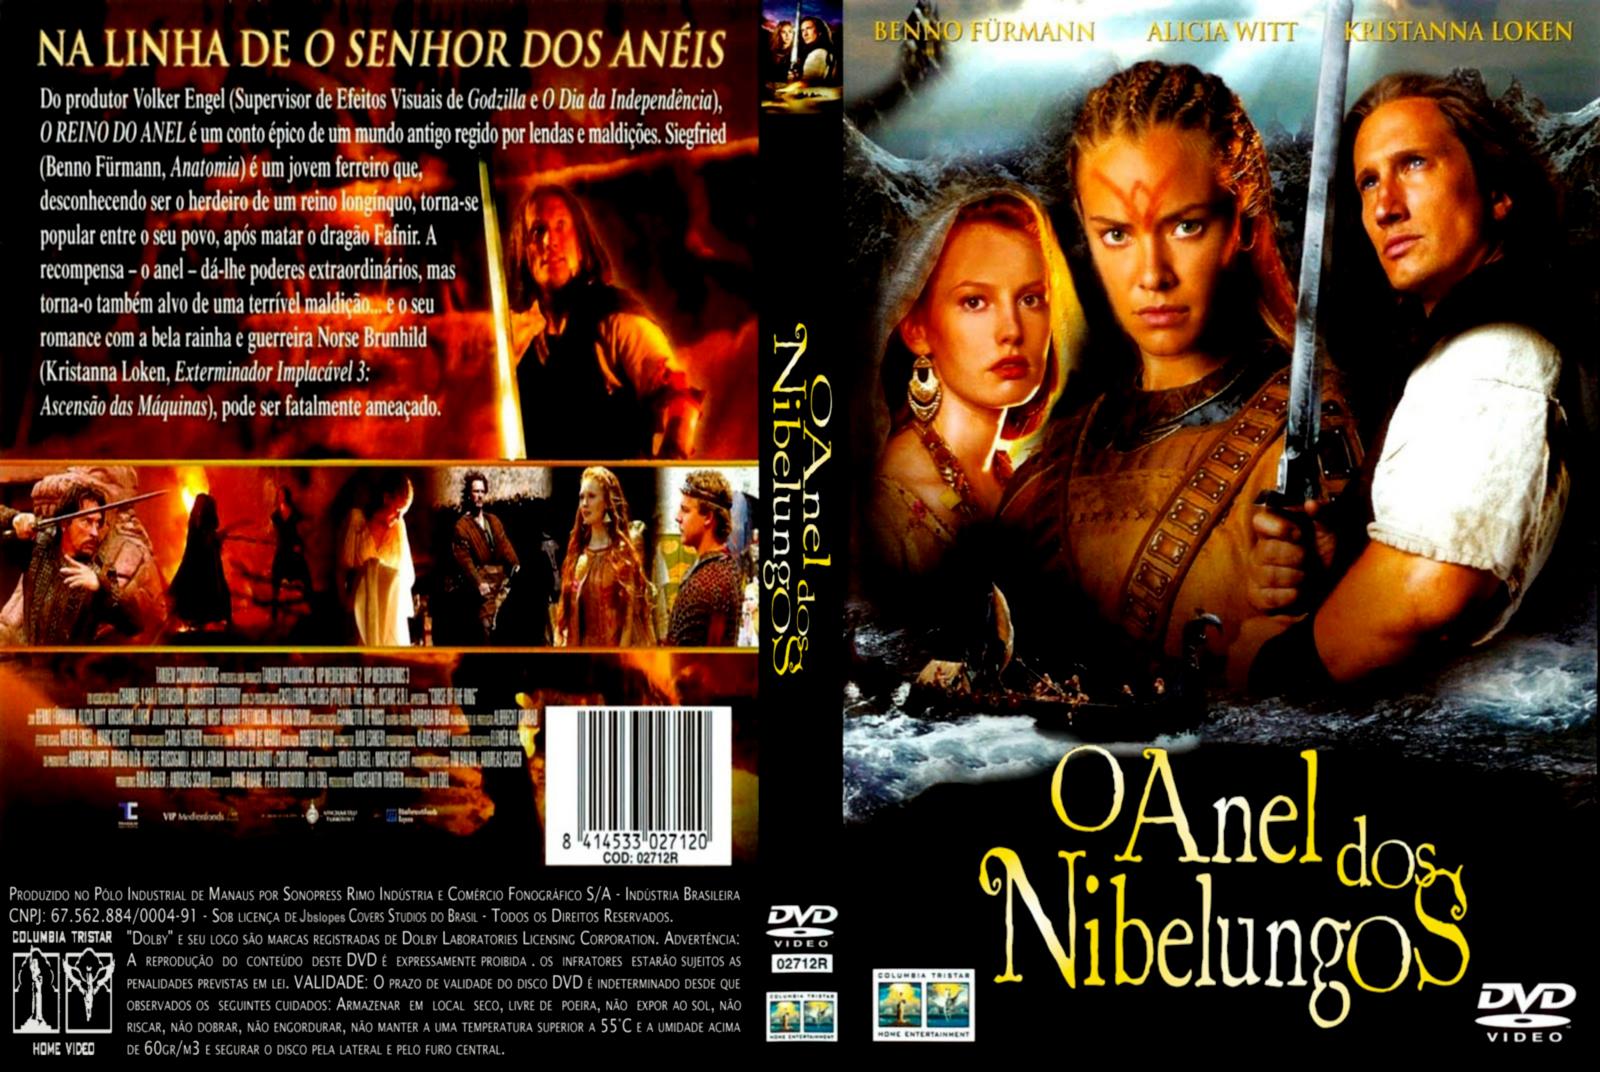 o anel dos nibelungos